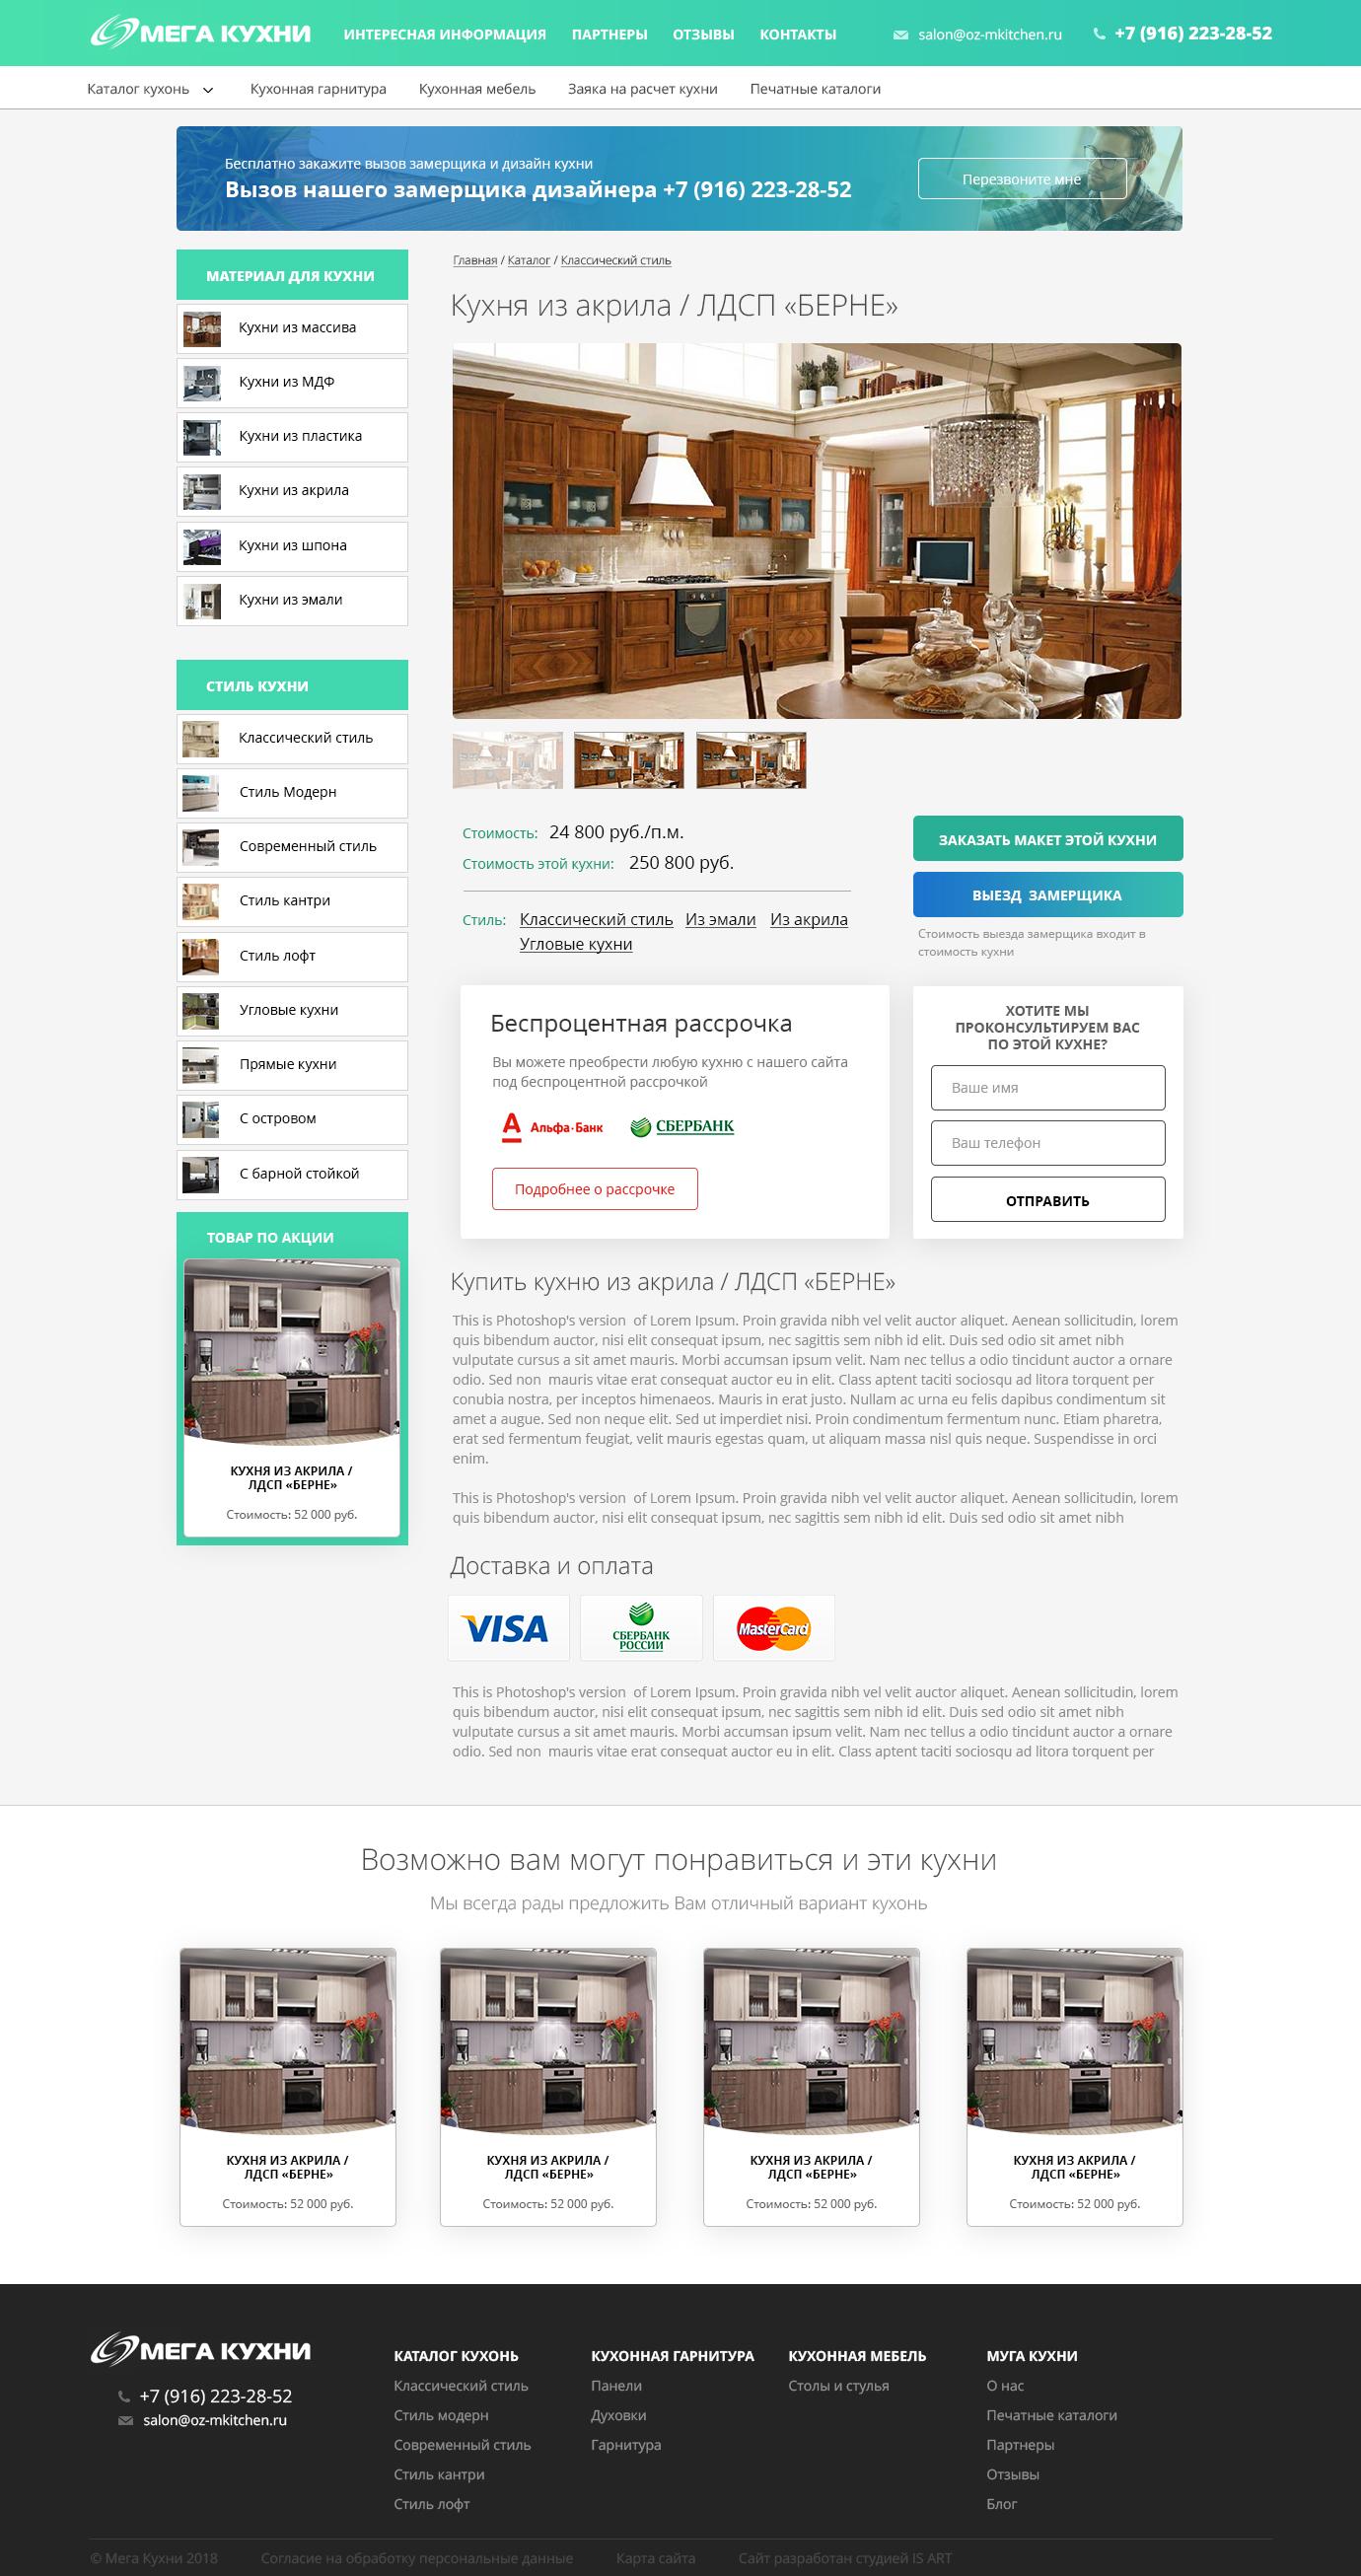 Макет сайта Интернет магазин кухонь 3